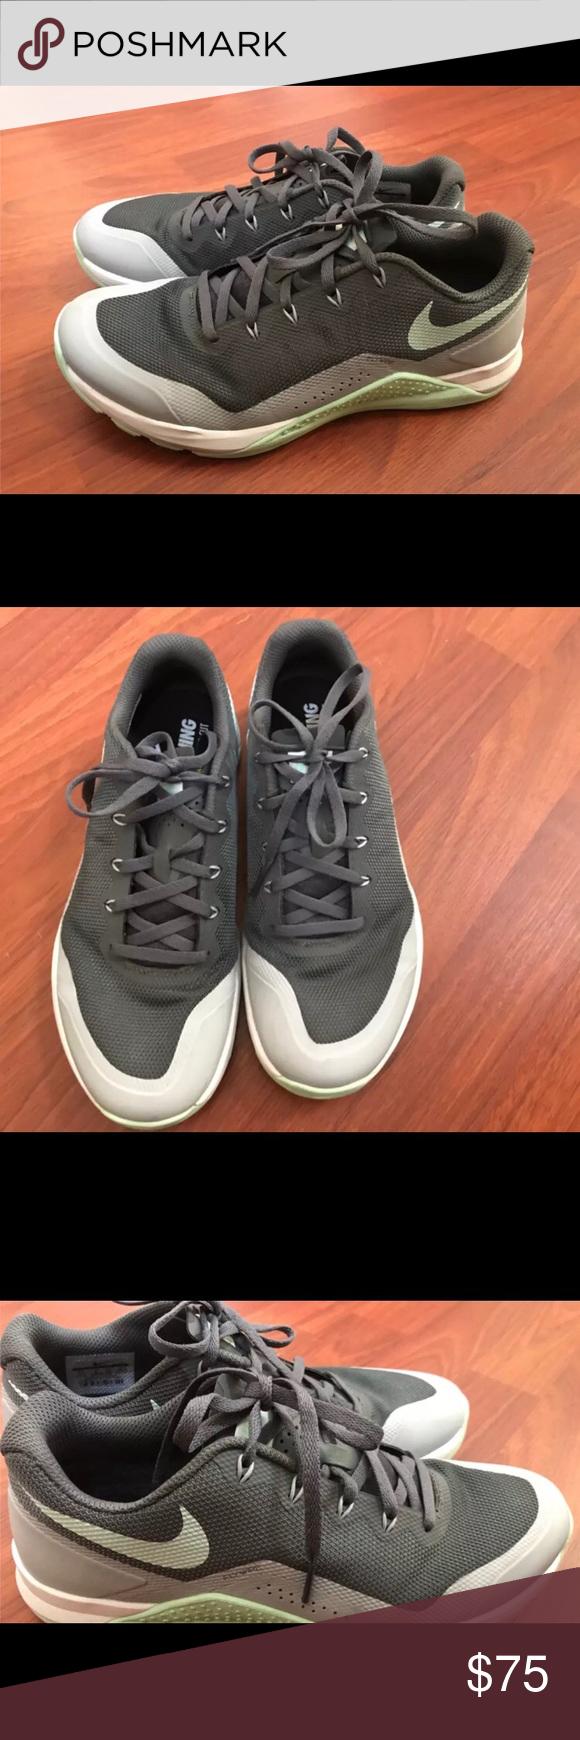 nike metcon repper leggere la descrizione scarpe da ginnastica, atletica e